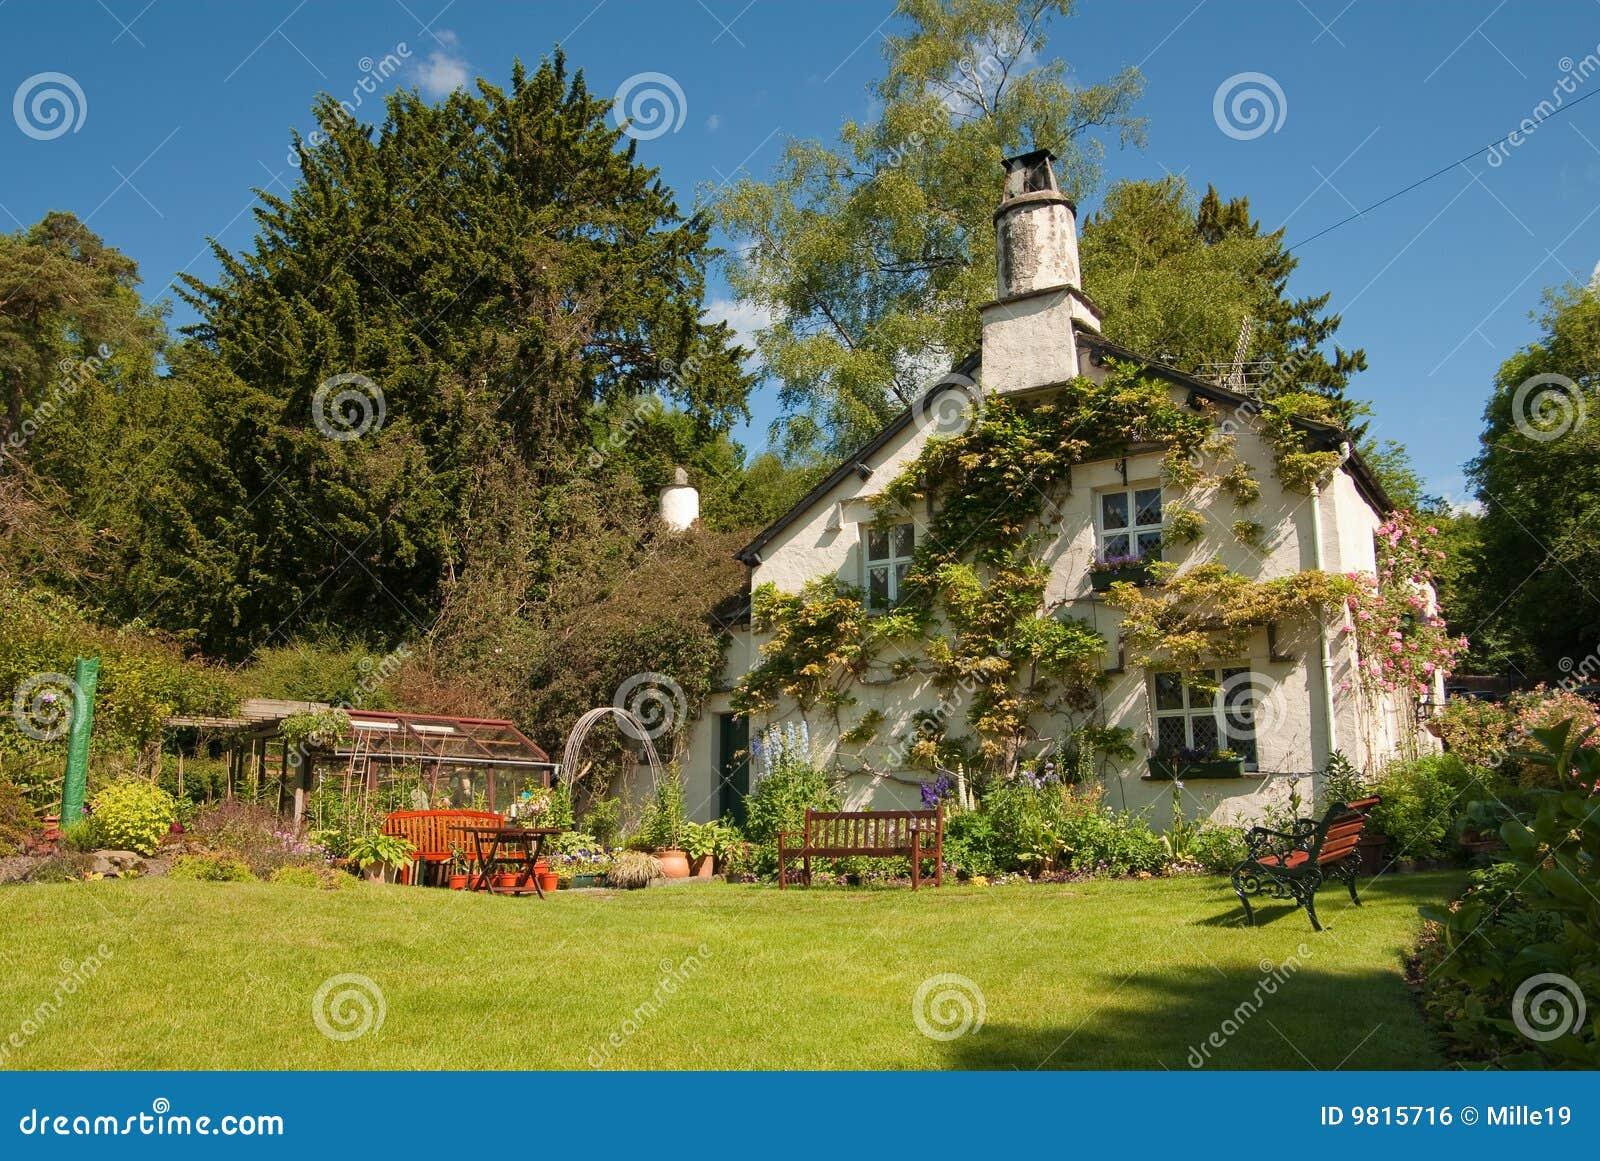 English cottage stock photo. Image of garden, lake, roses - 9815716